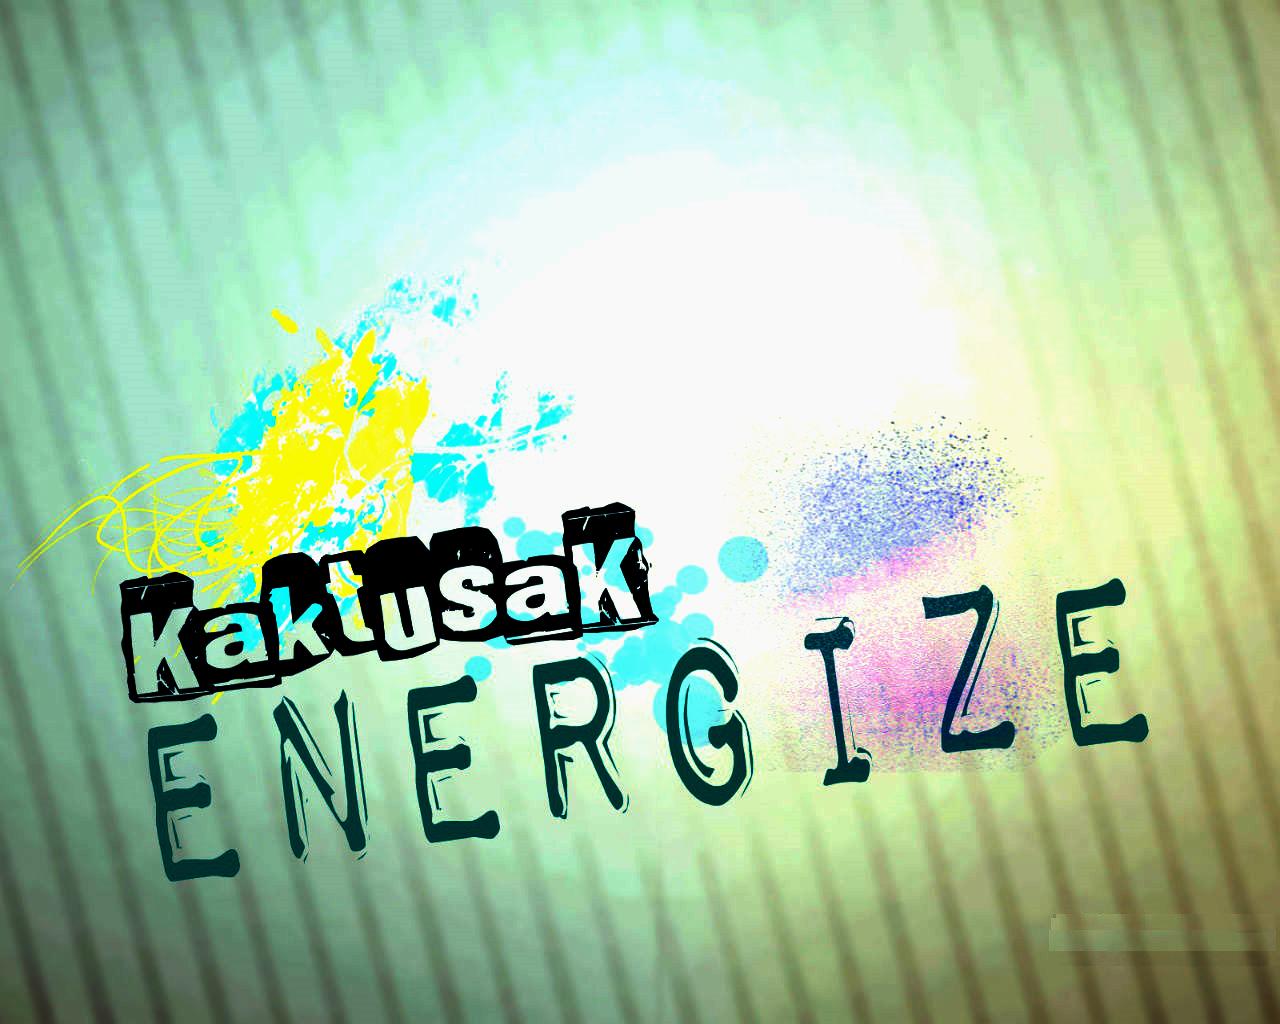 KaktusaK-Energize by KaktusaKchanell